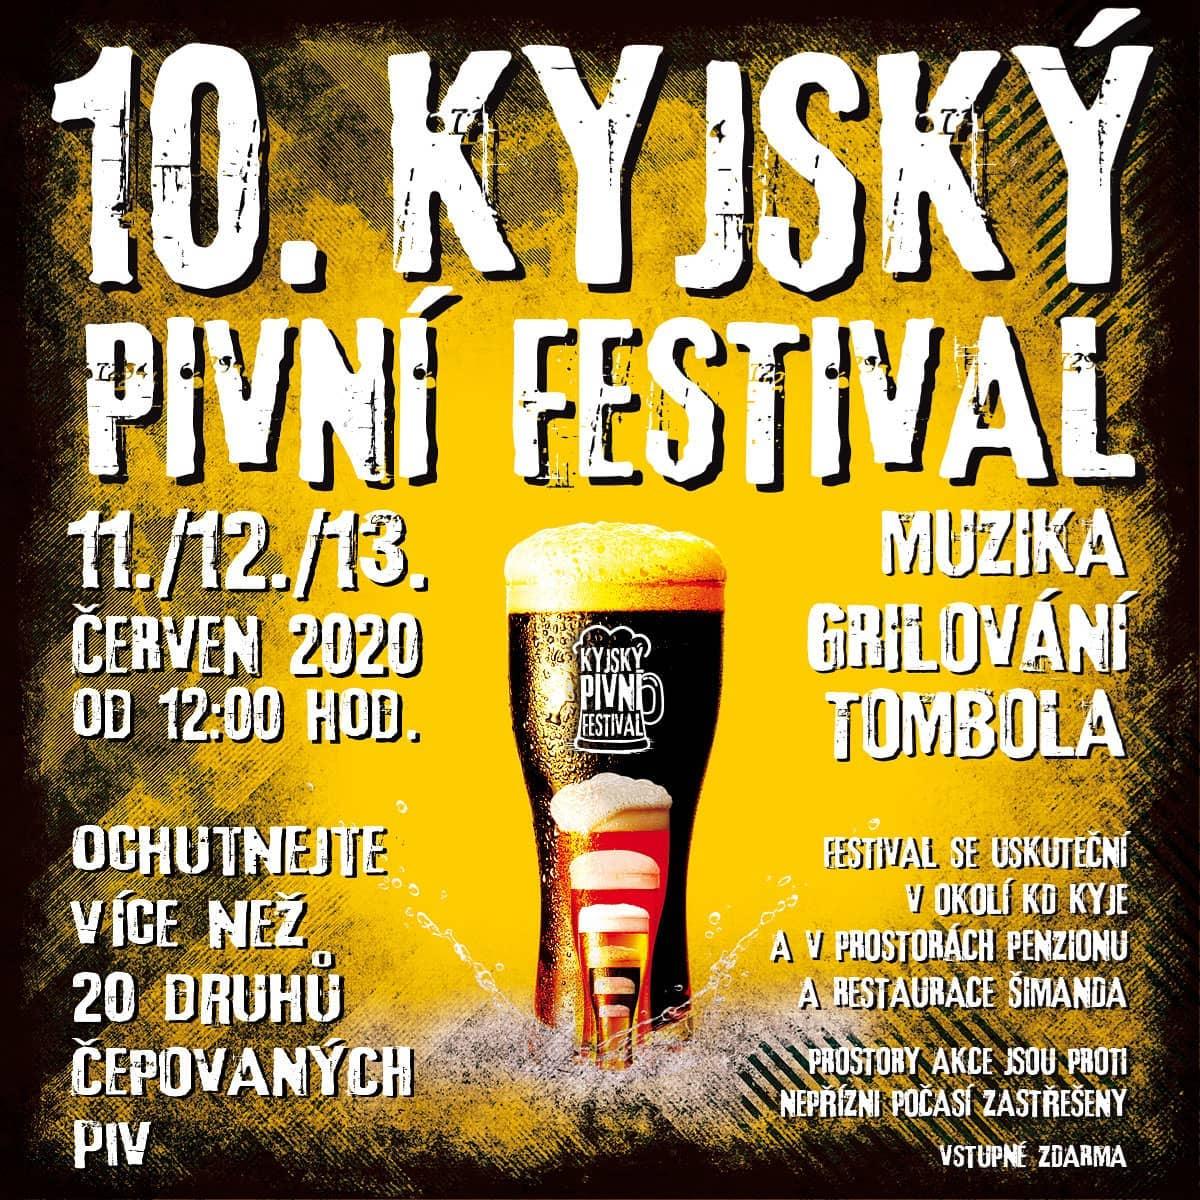 pivovary-pivni-akce-10-kyjsky-pivni-festival-2020